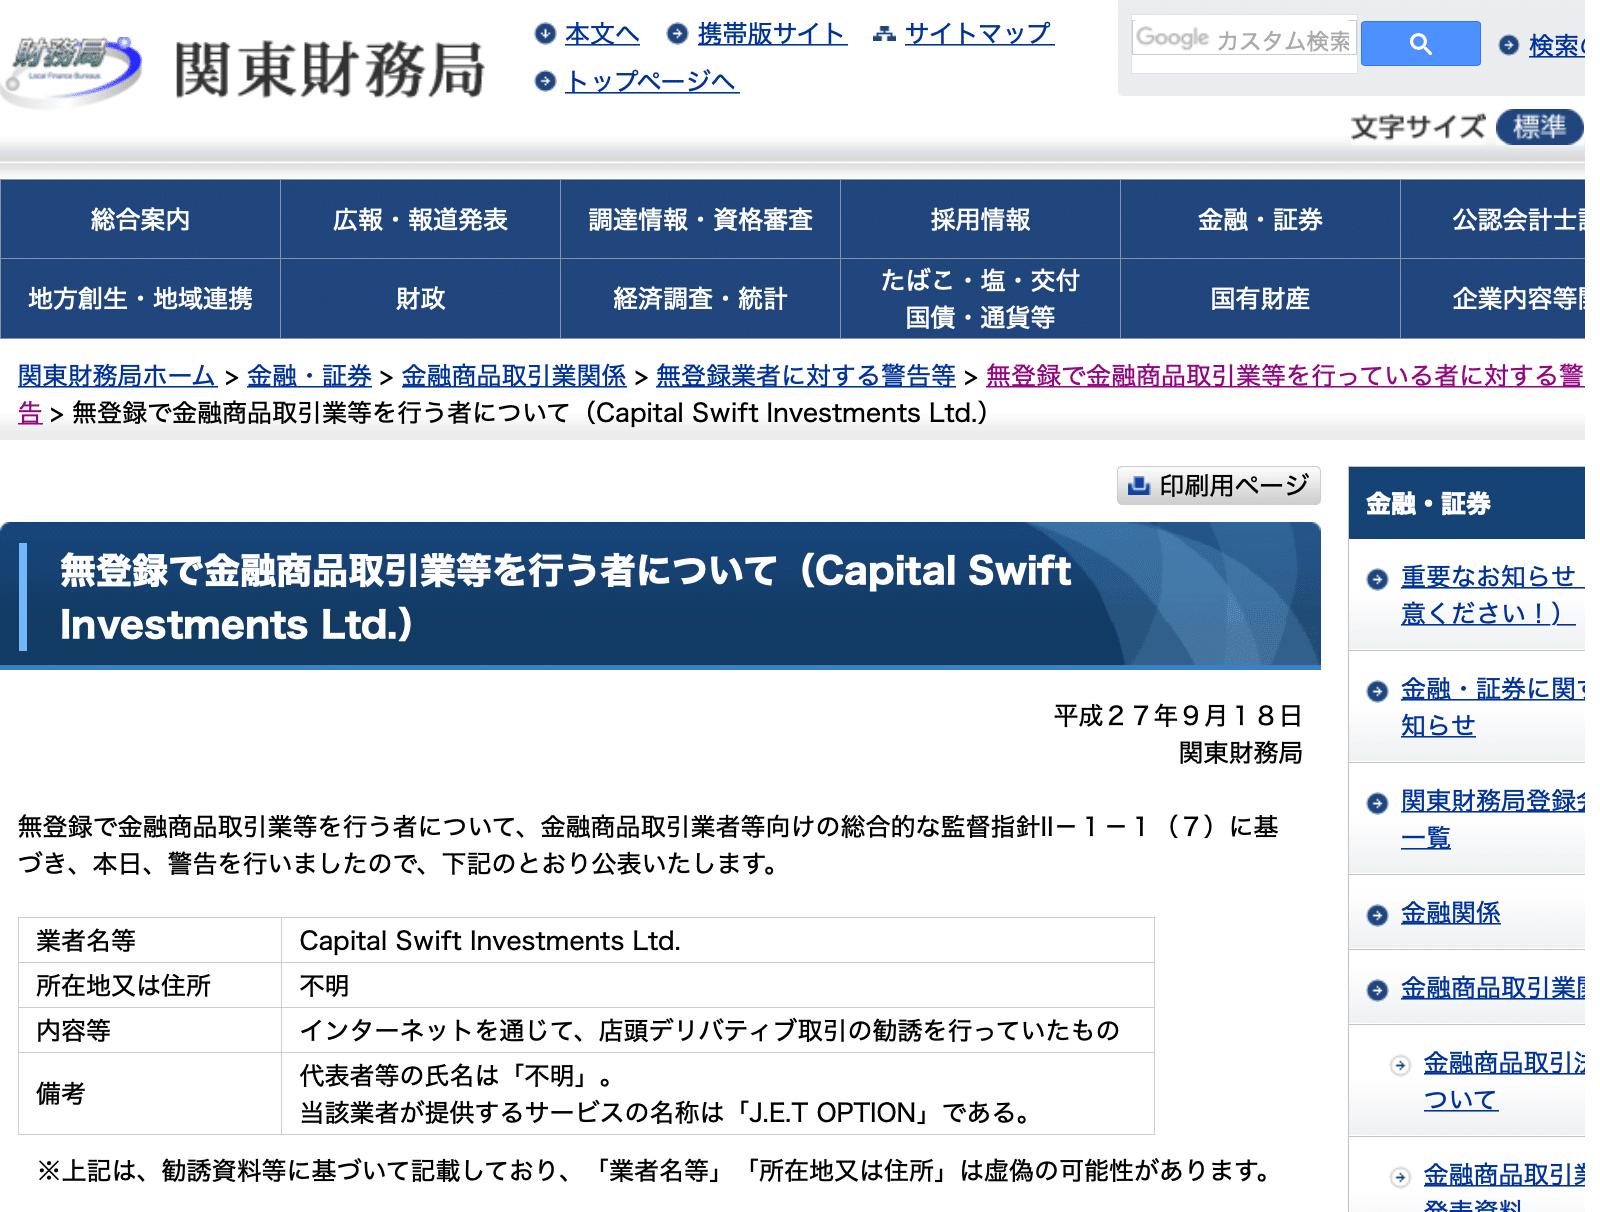 出典:関東財務局公式サイト